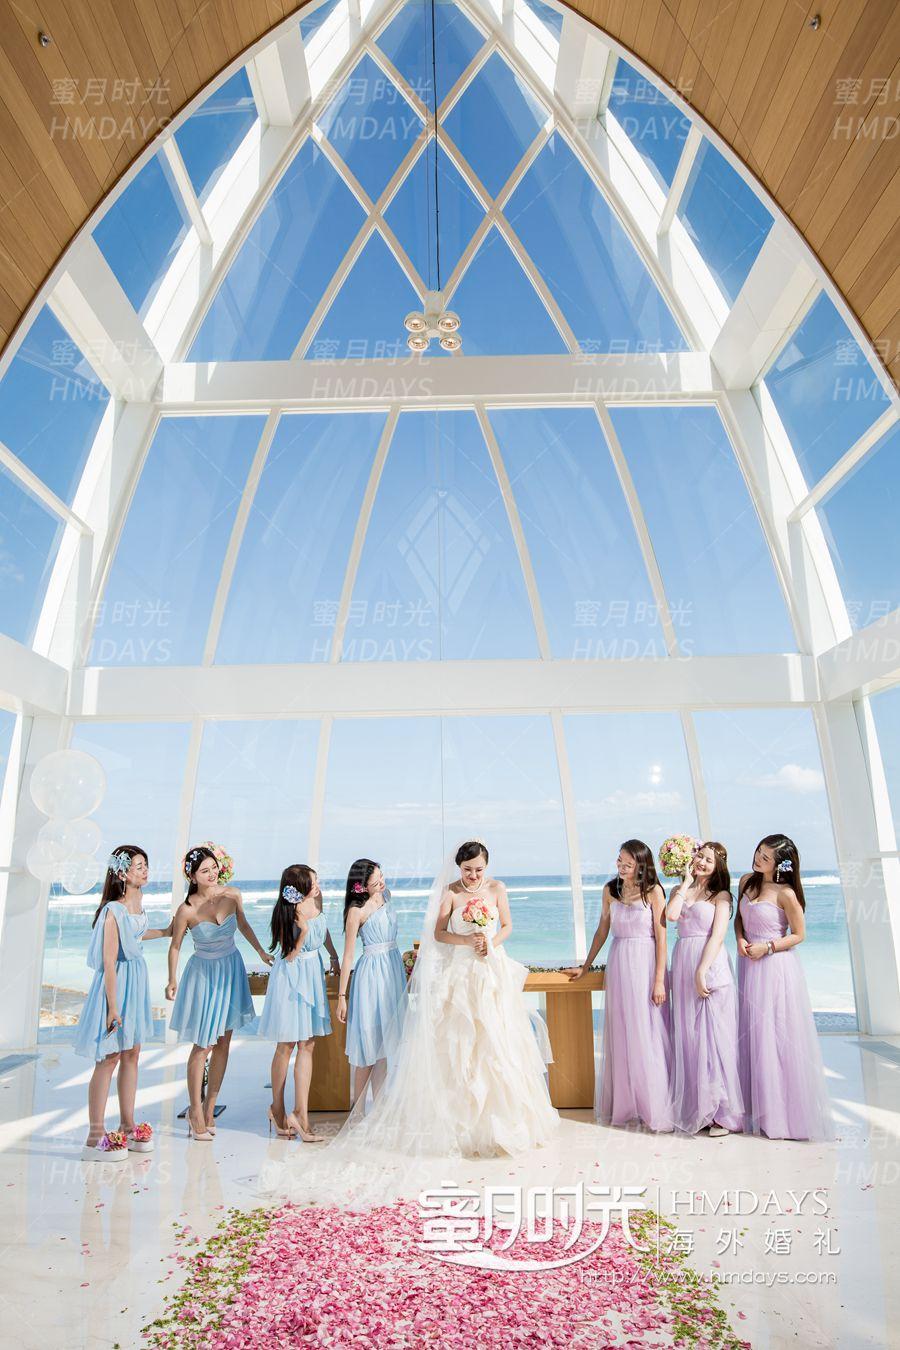 丽思卡尔顿教堂婚礼和晚宴 龙帅巴厘岛婚礼 海外婚礼